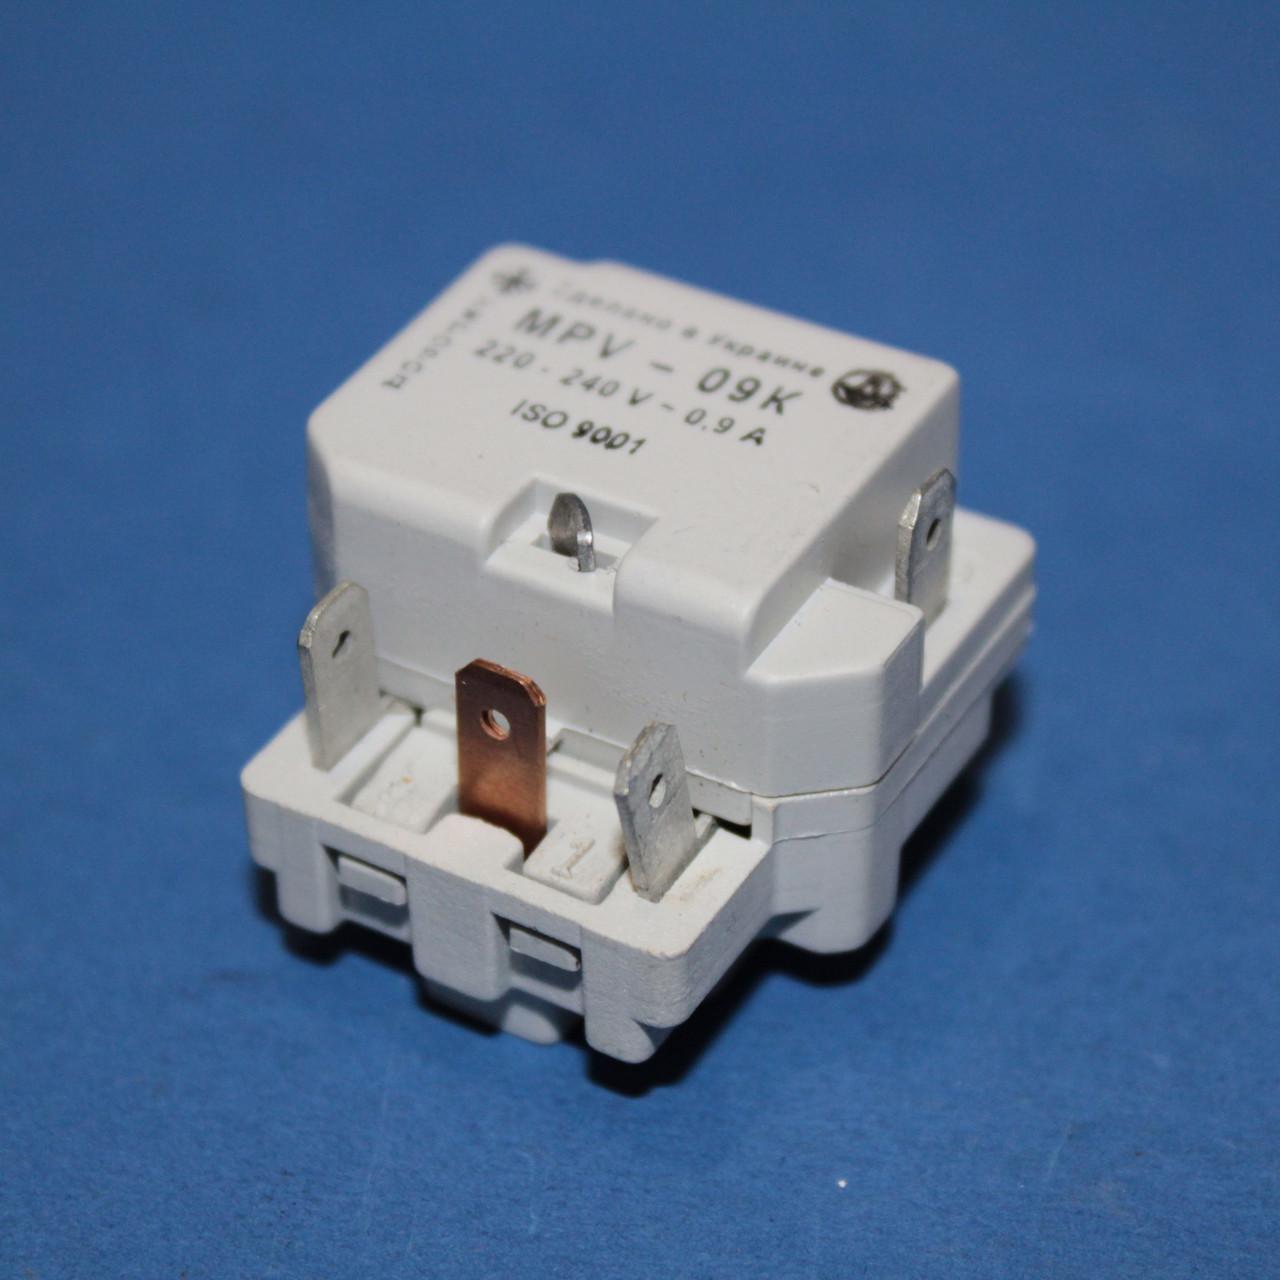 Как запустить заклинивший компрессор холодильника без реле - особенности устройства реле и компрессора